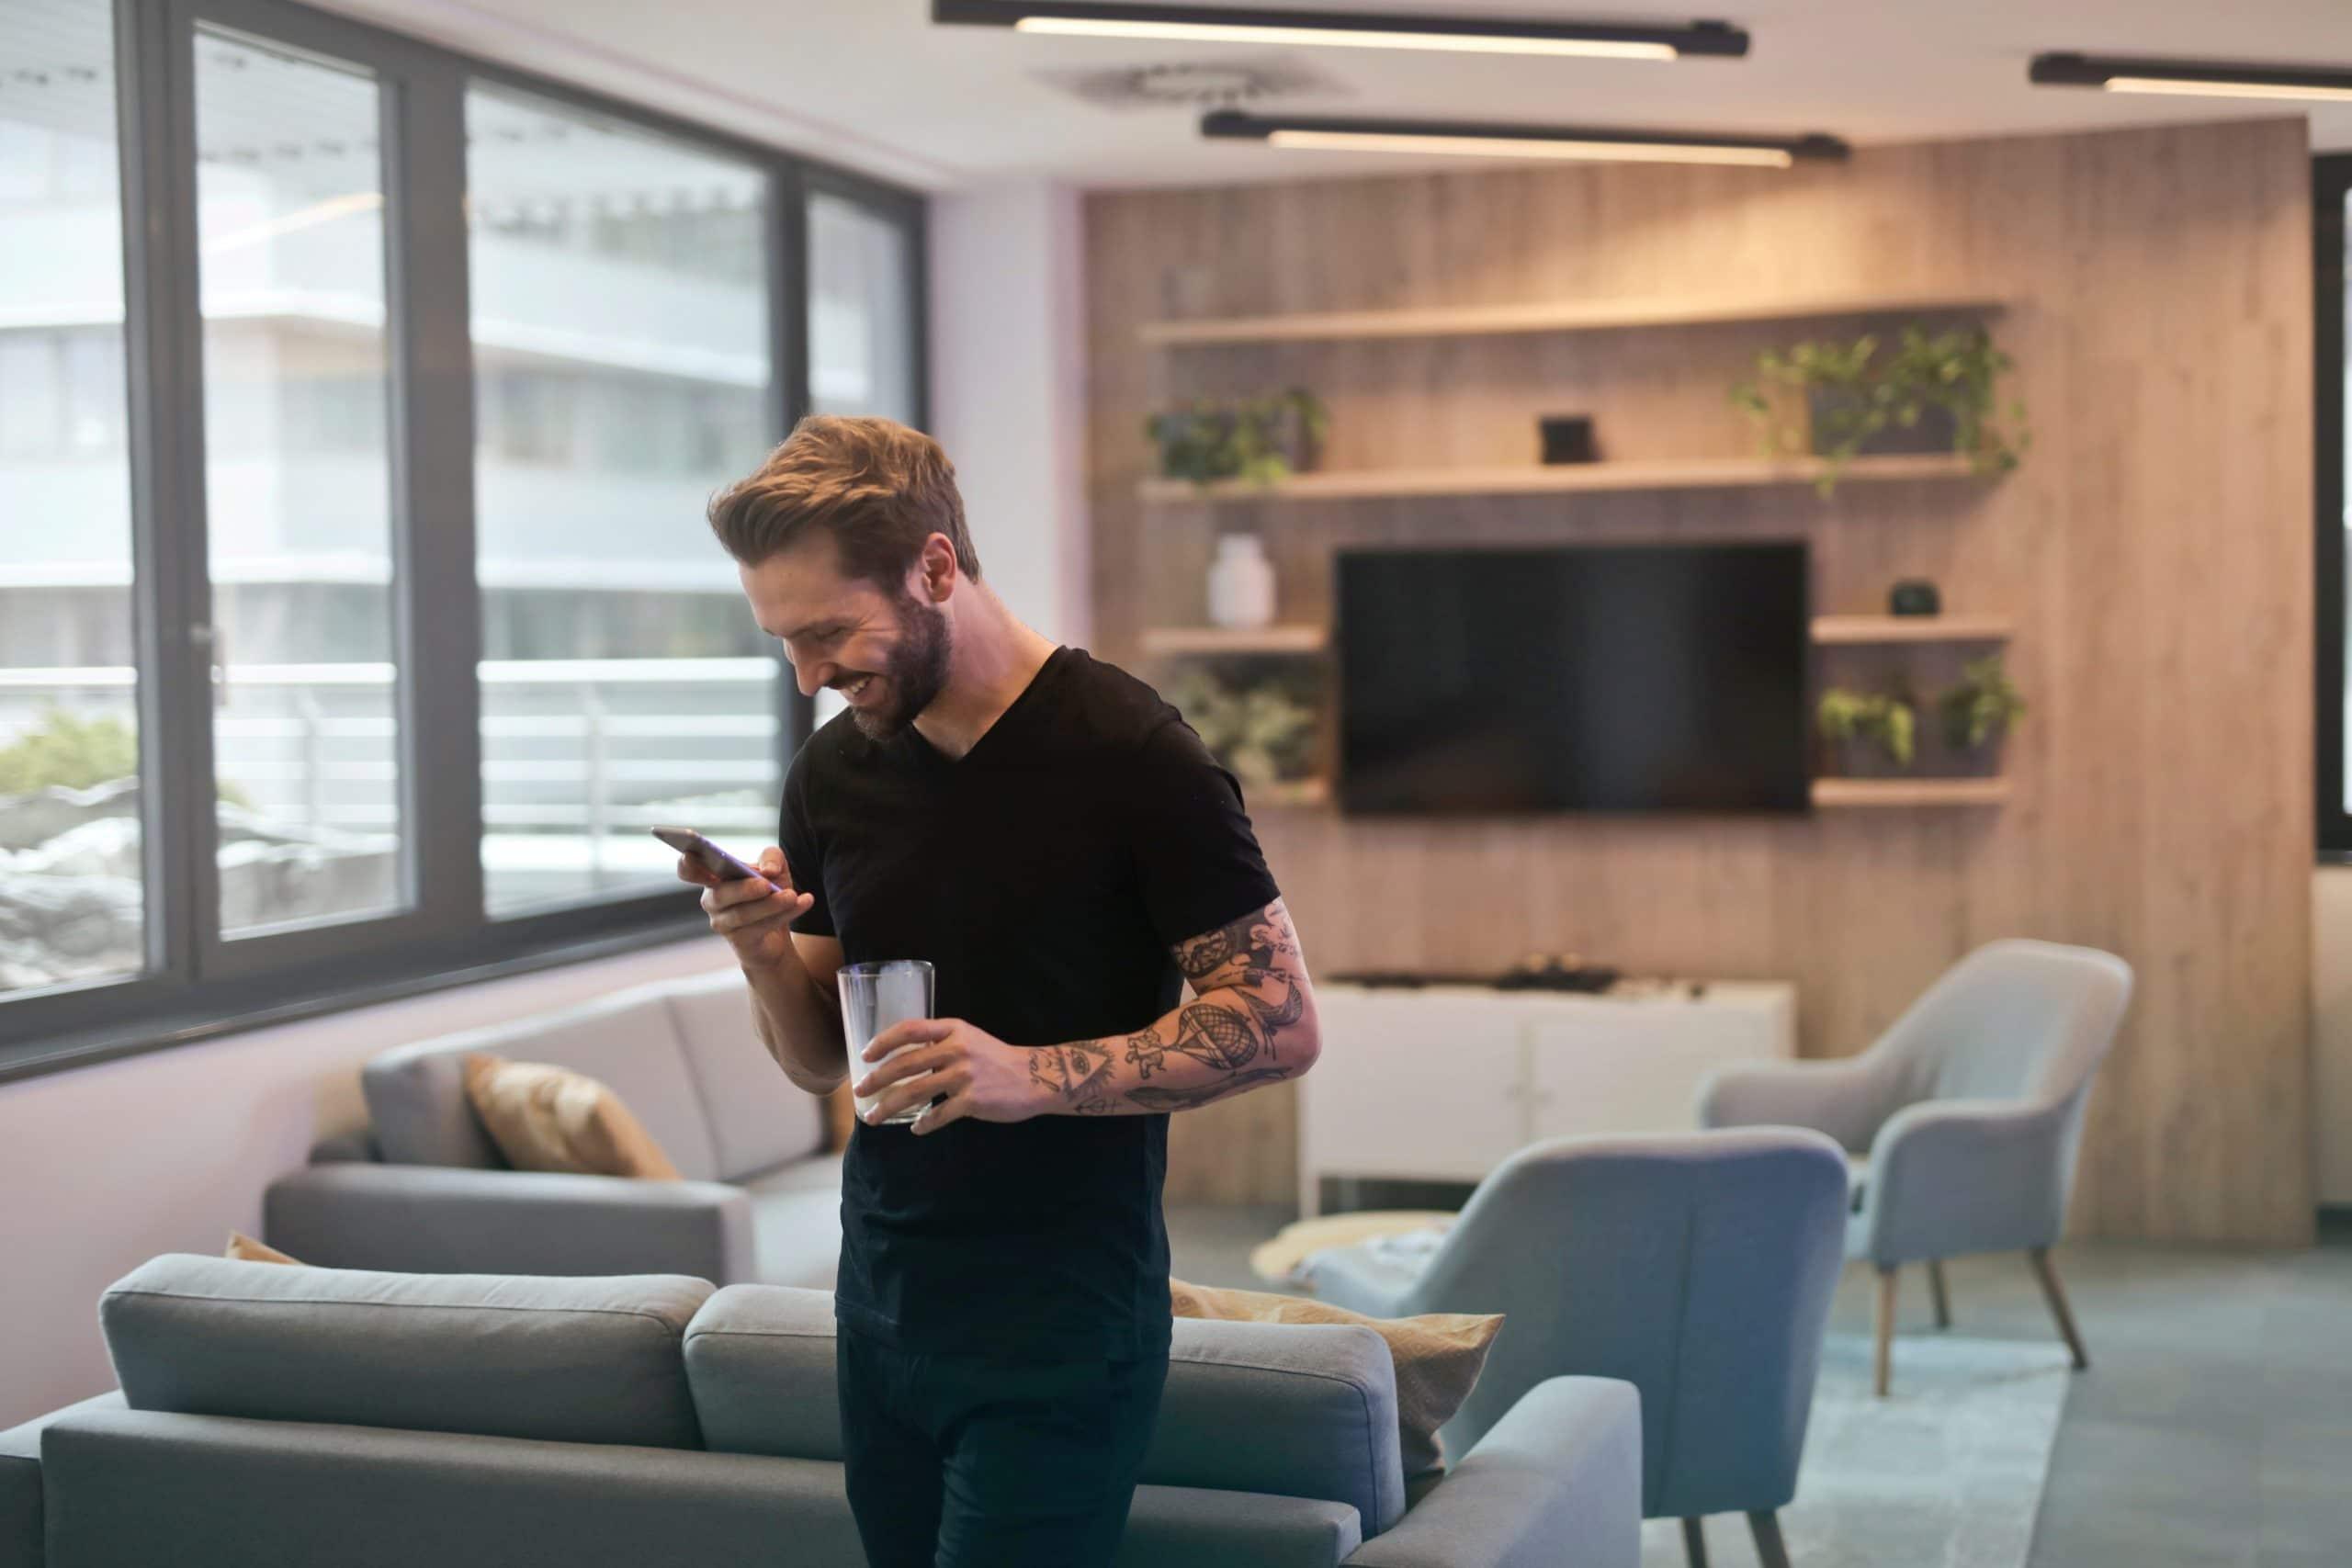 Homem em pé em sala mexendo no celular